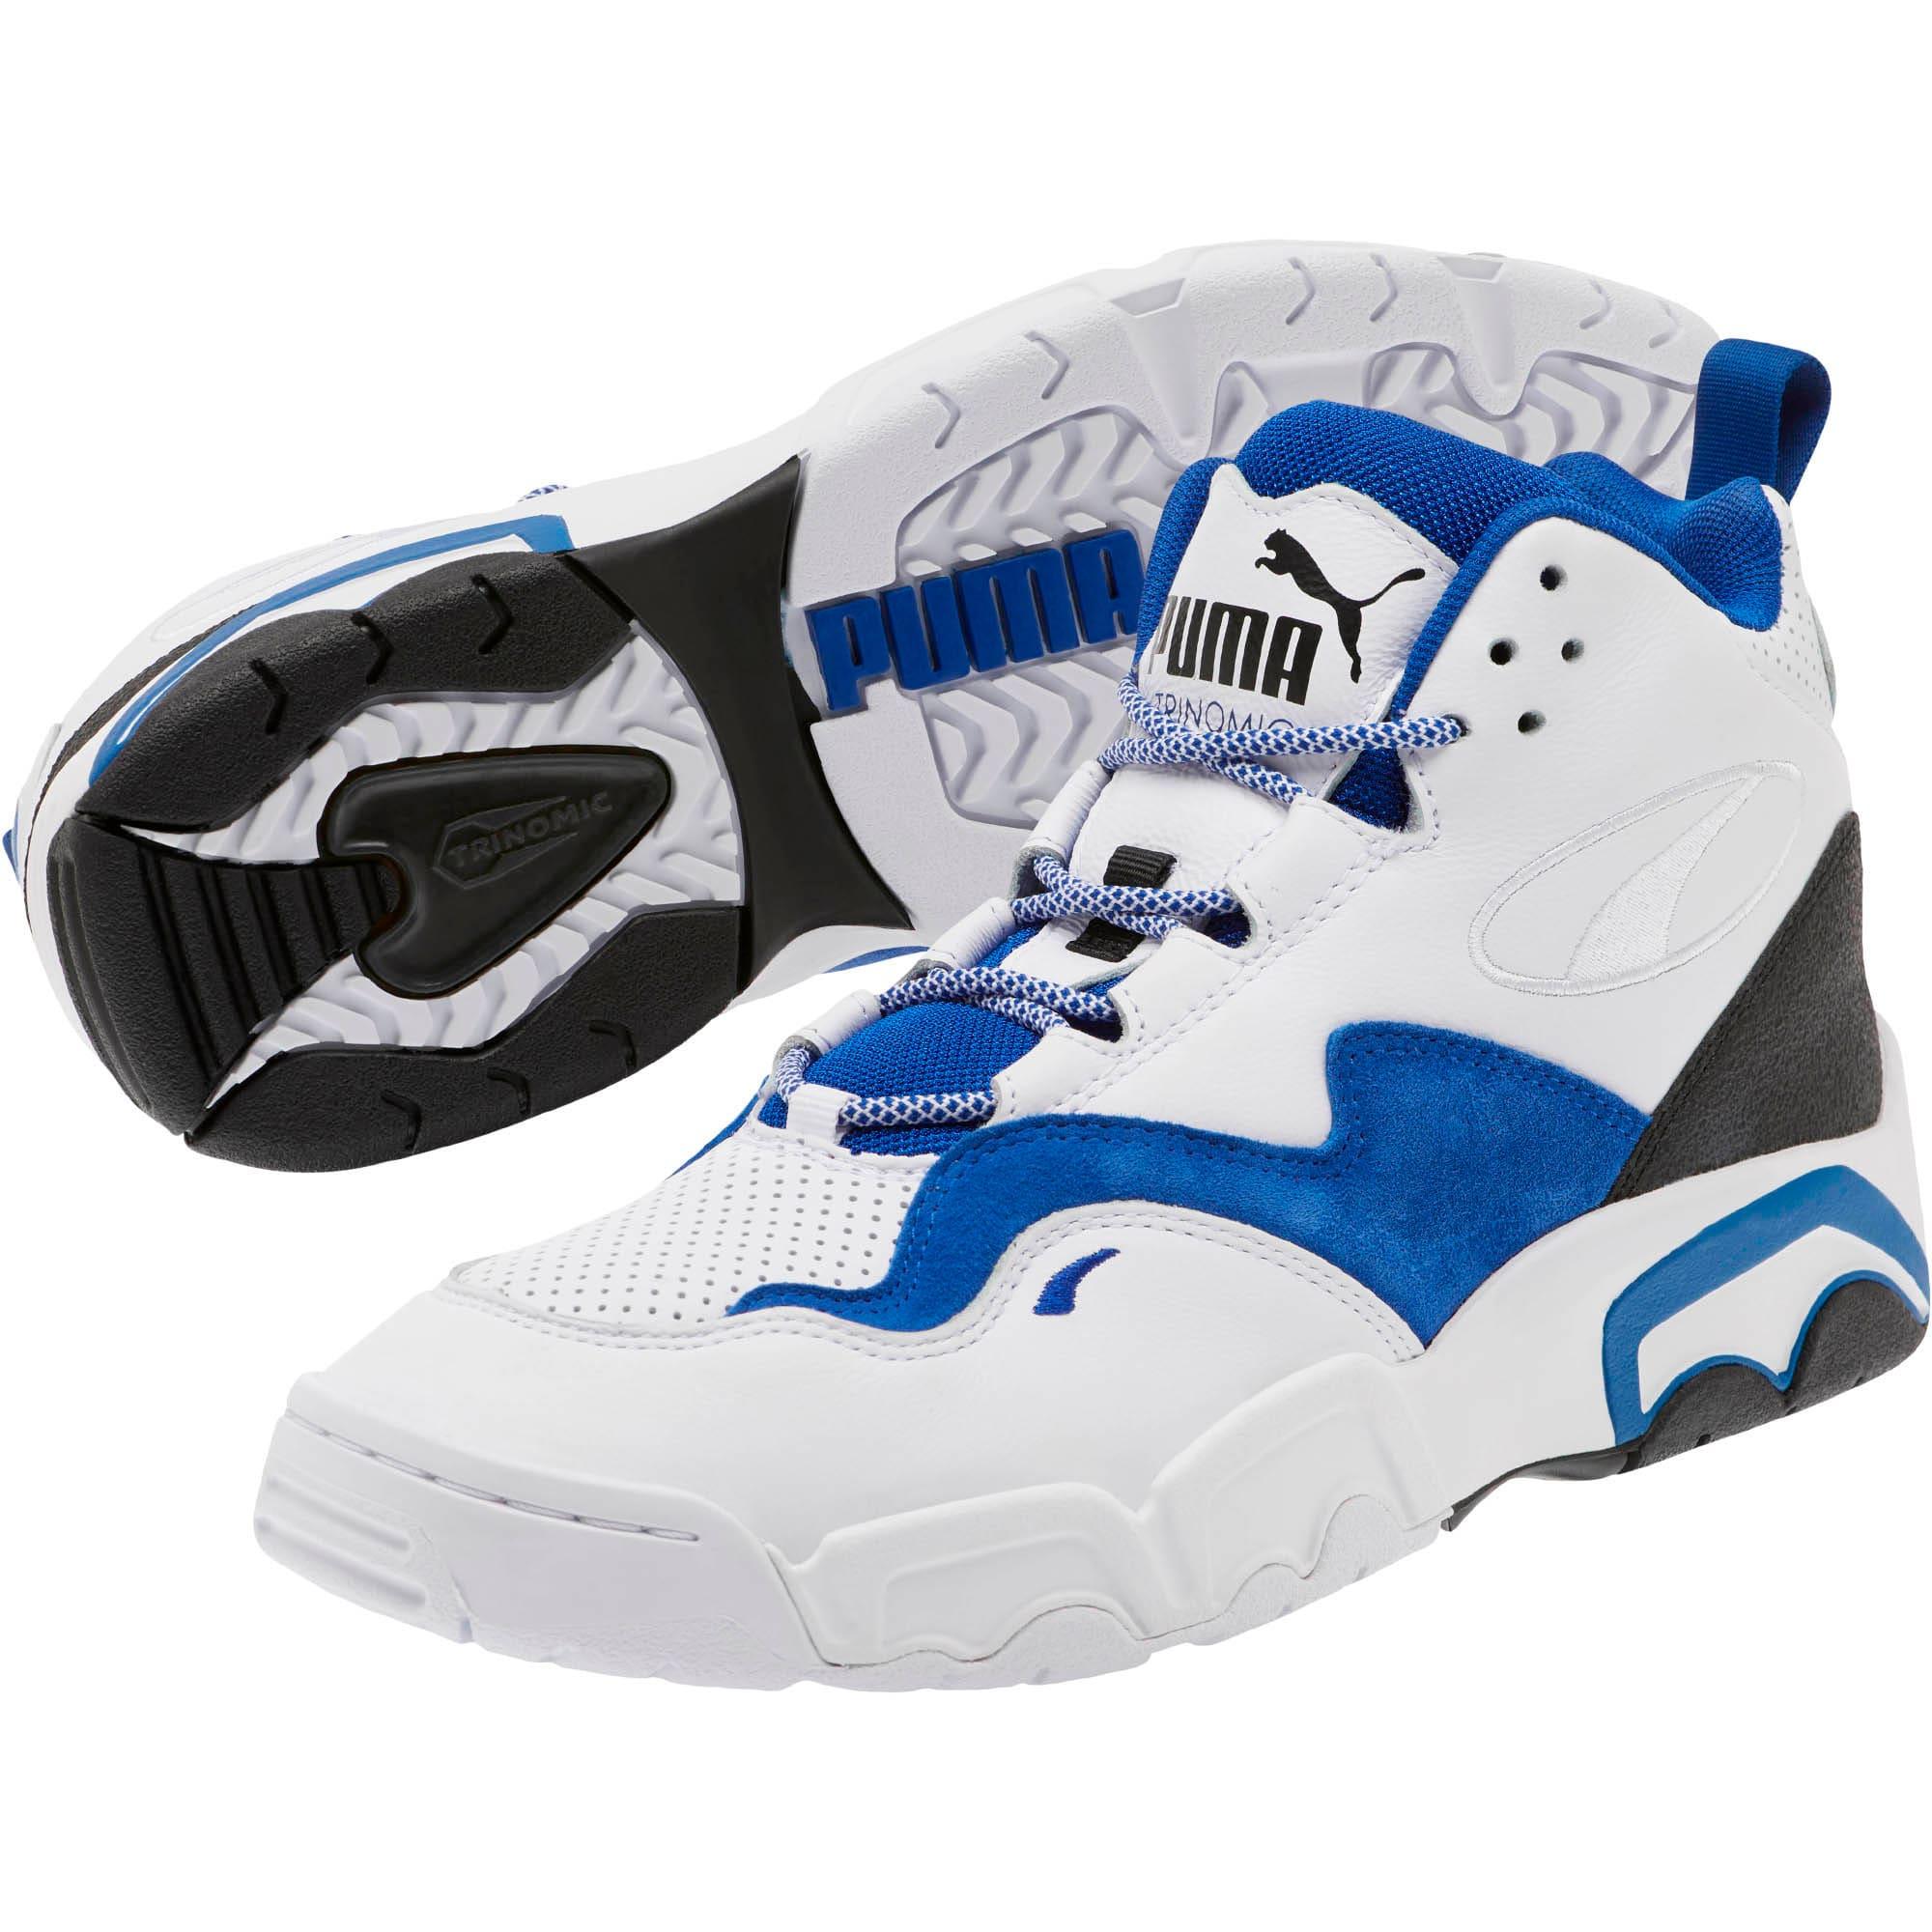 Miniatura 2 de Zapatos deportivos Source Mid Retro 2, P White-Surf The Web-Puma Bl, mediano